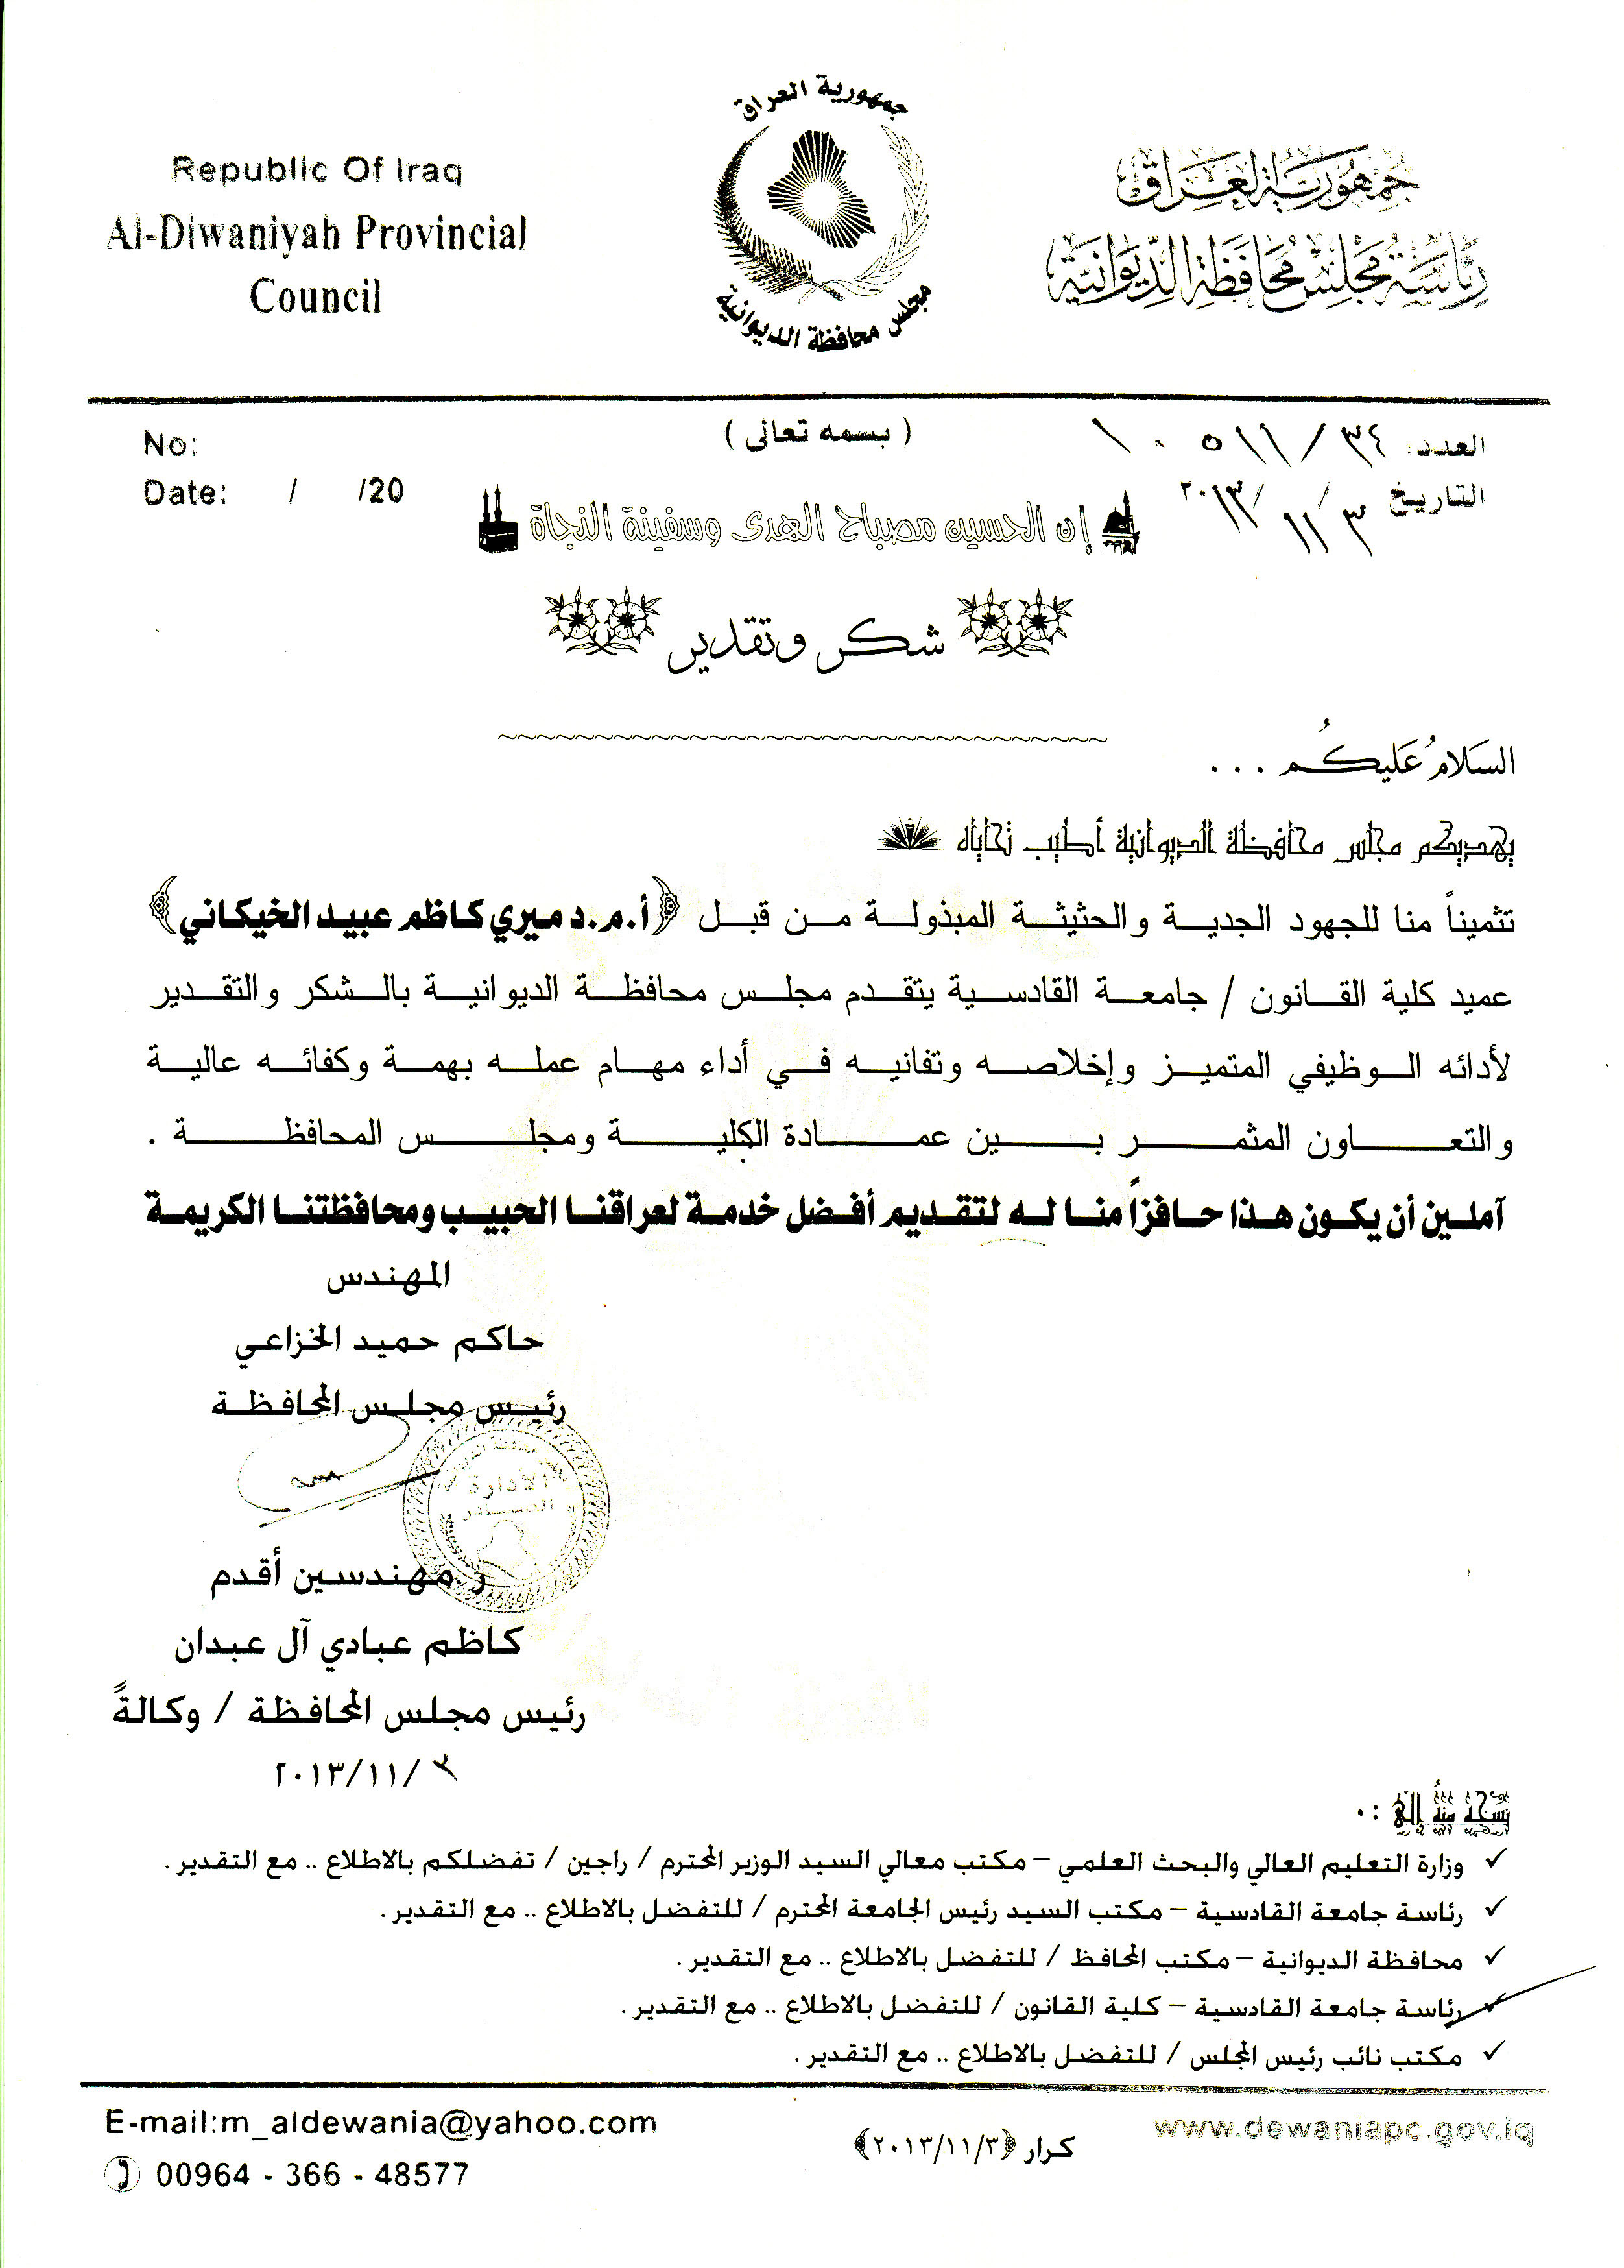 السيد عميد الكلية الاستاذ ميري كاظم عبيد يتلقى شكر وتقدير من السيد رئيس مجلس محافظة الديوانية